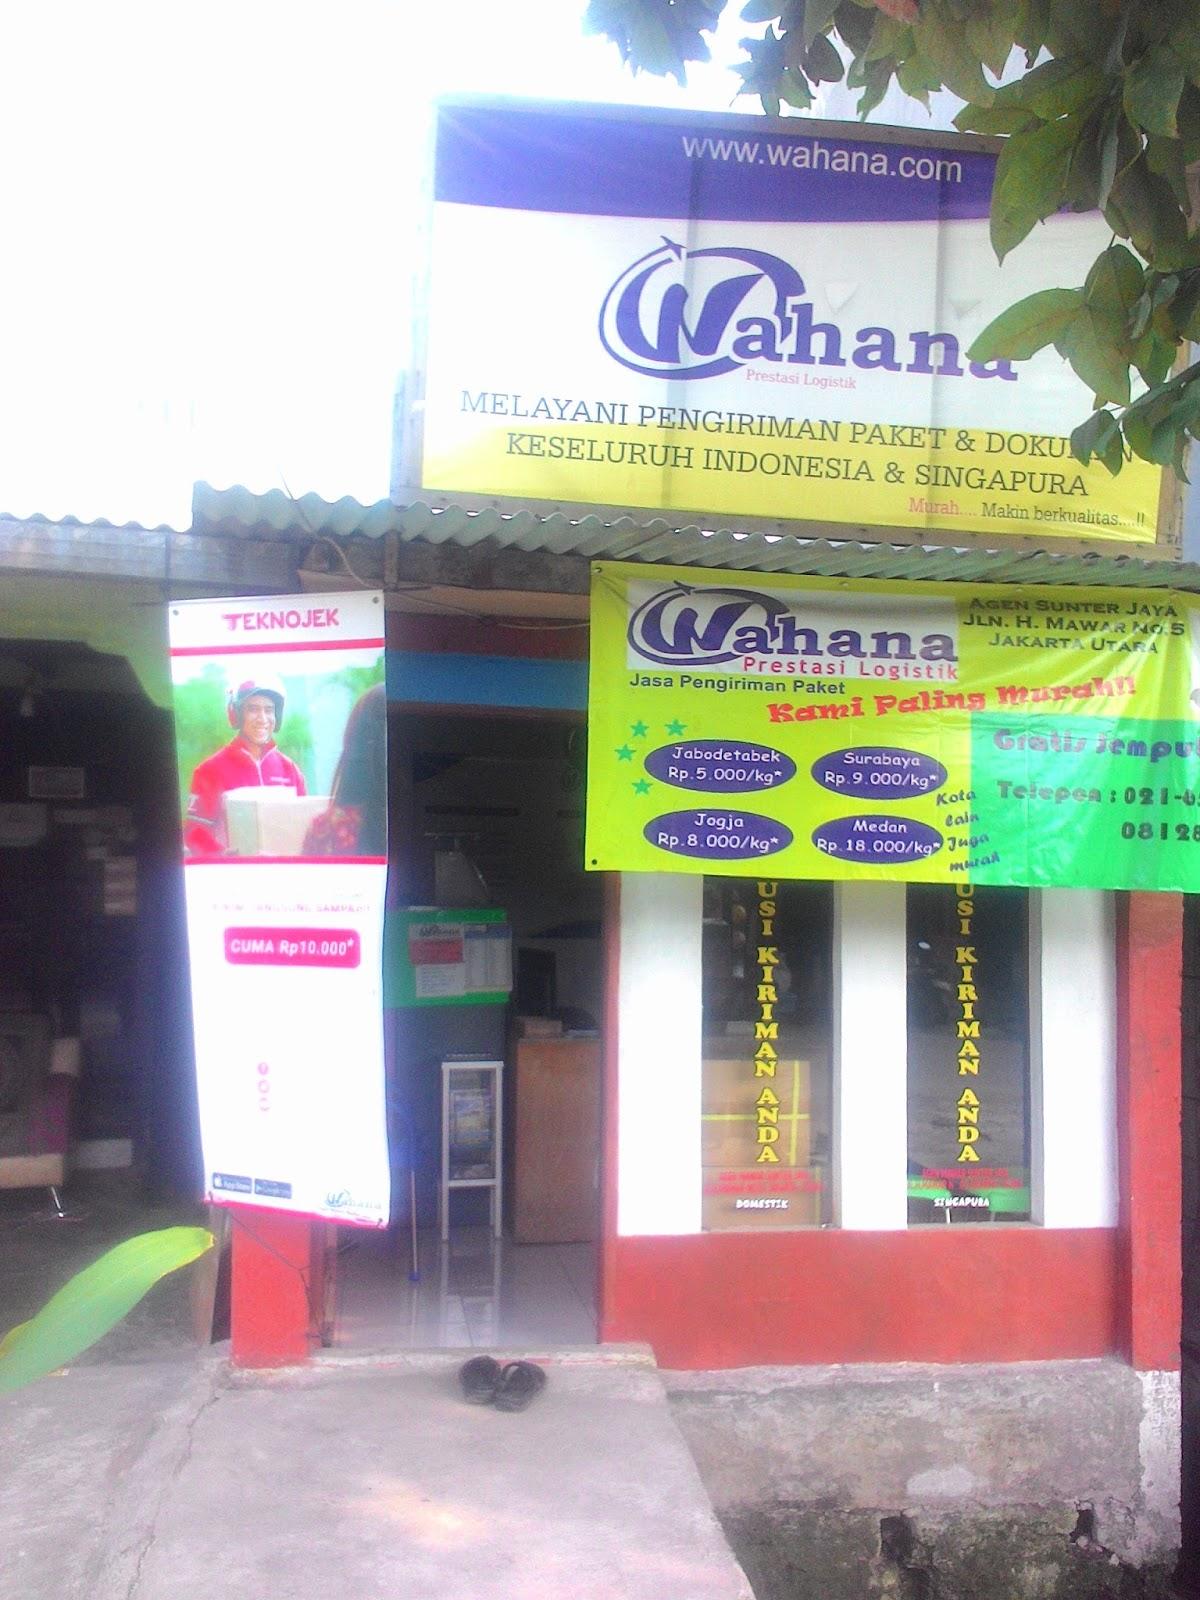 Agen Wahana Mawar Sunter Jaya